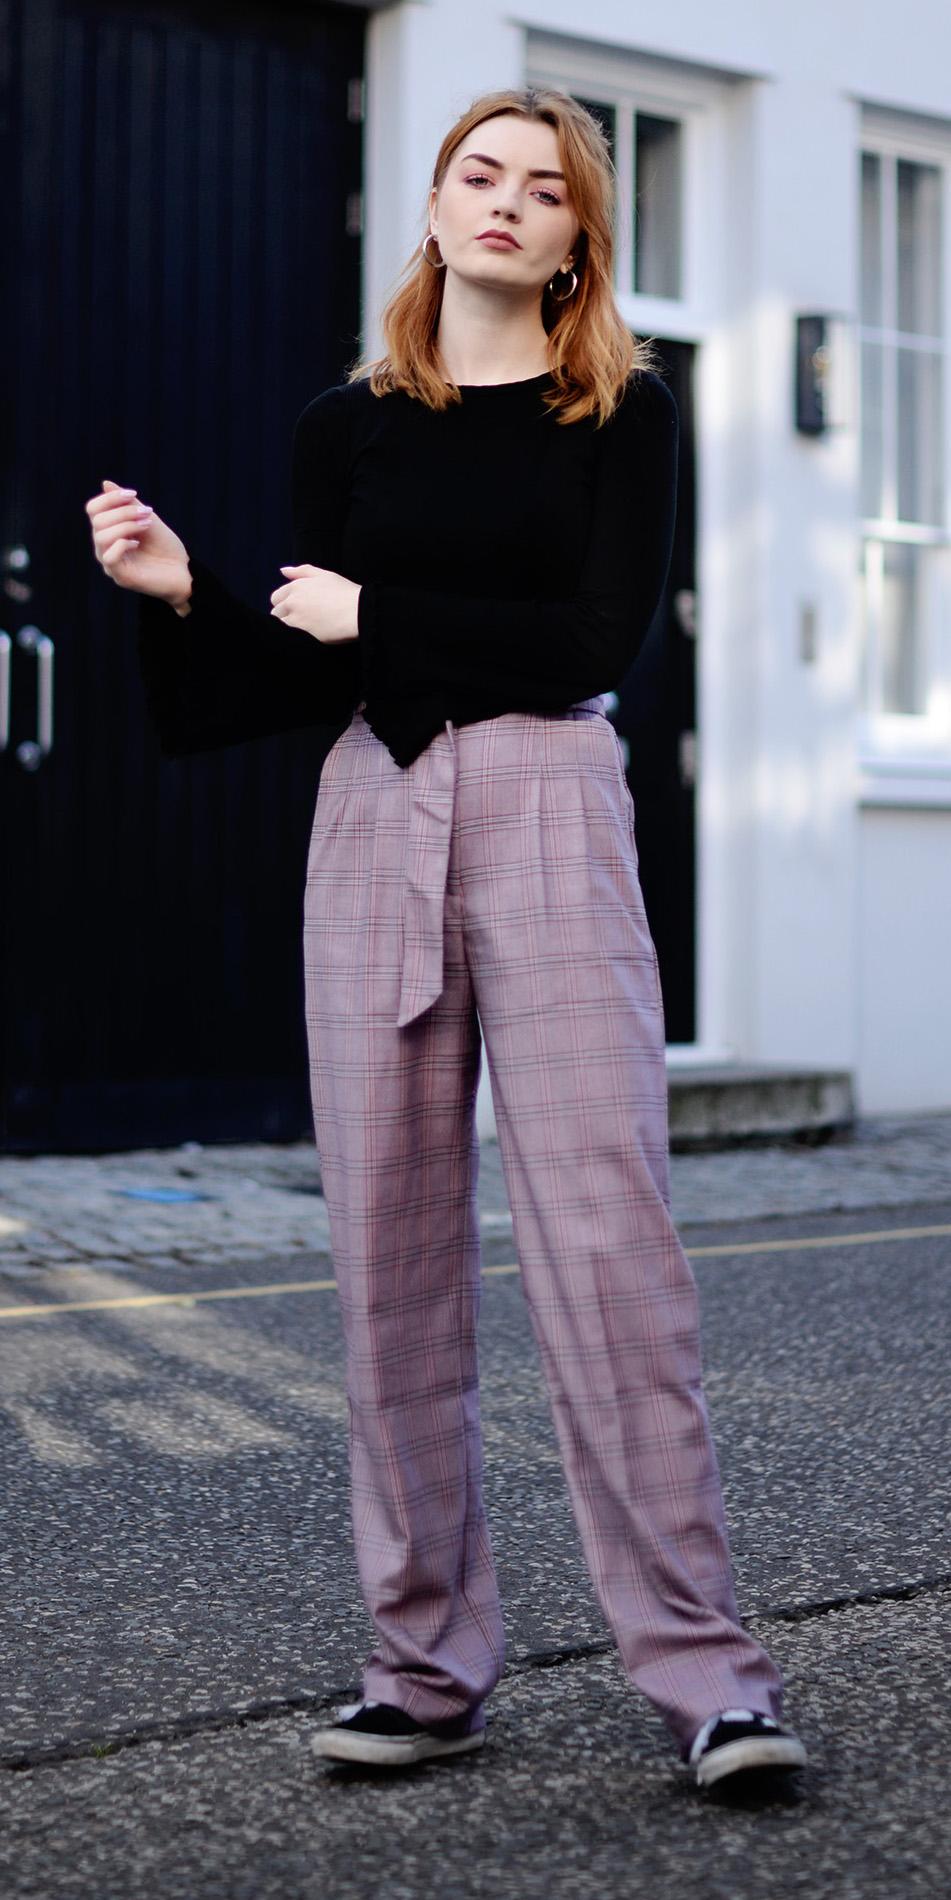 pink-light-wideleg-pants-black-top-black-shoe-sneakers-hairr-hoops-fall-winter-weekend.jpg